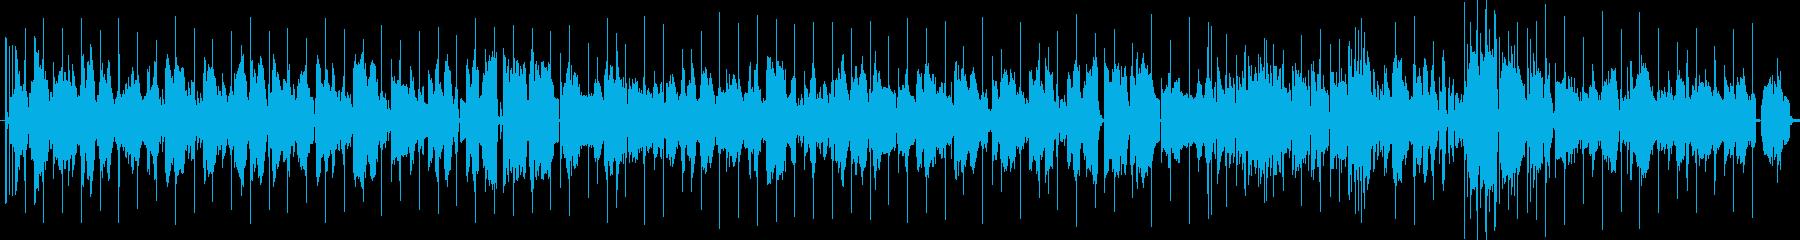 しんみりとしたバラードの再生済みの波形